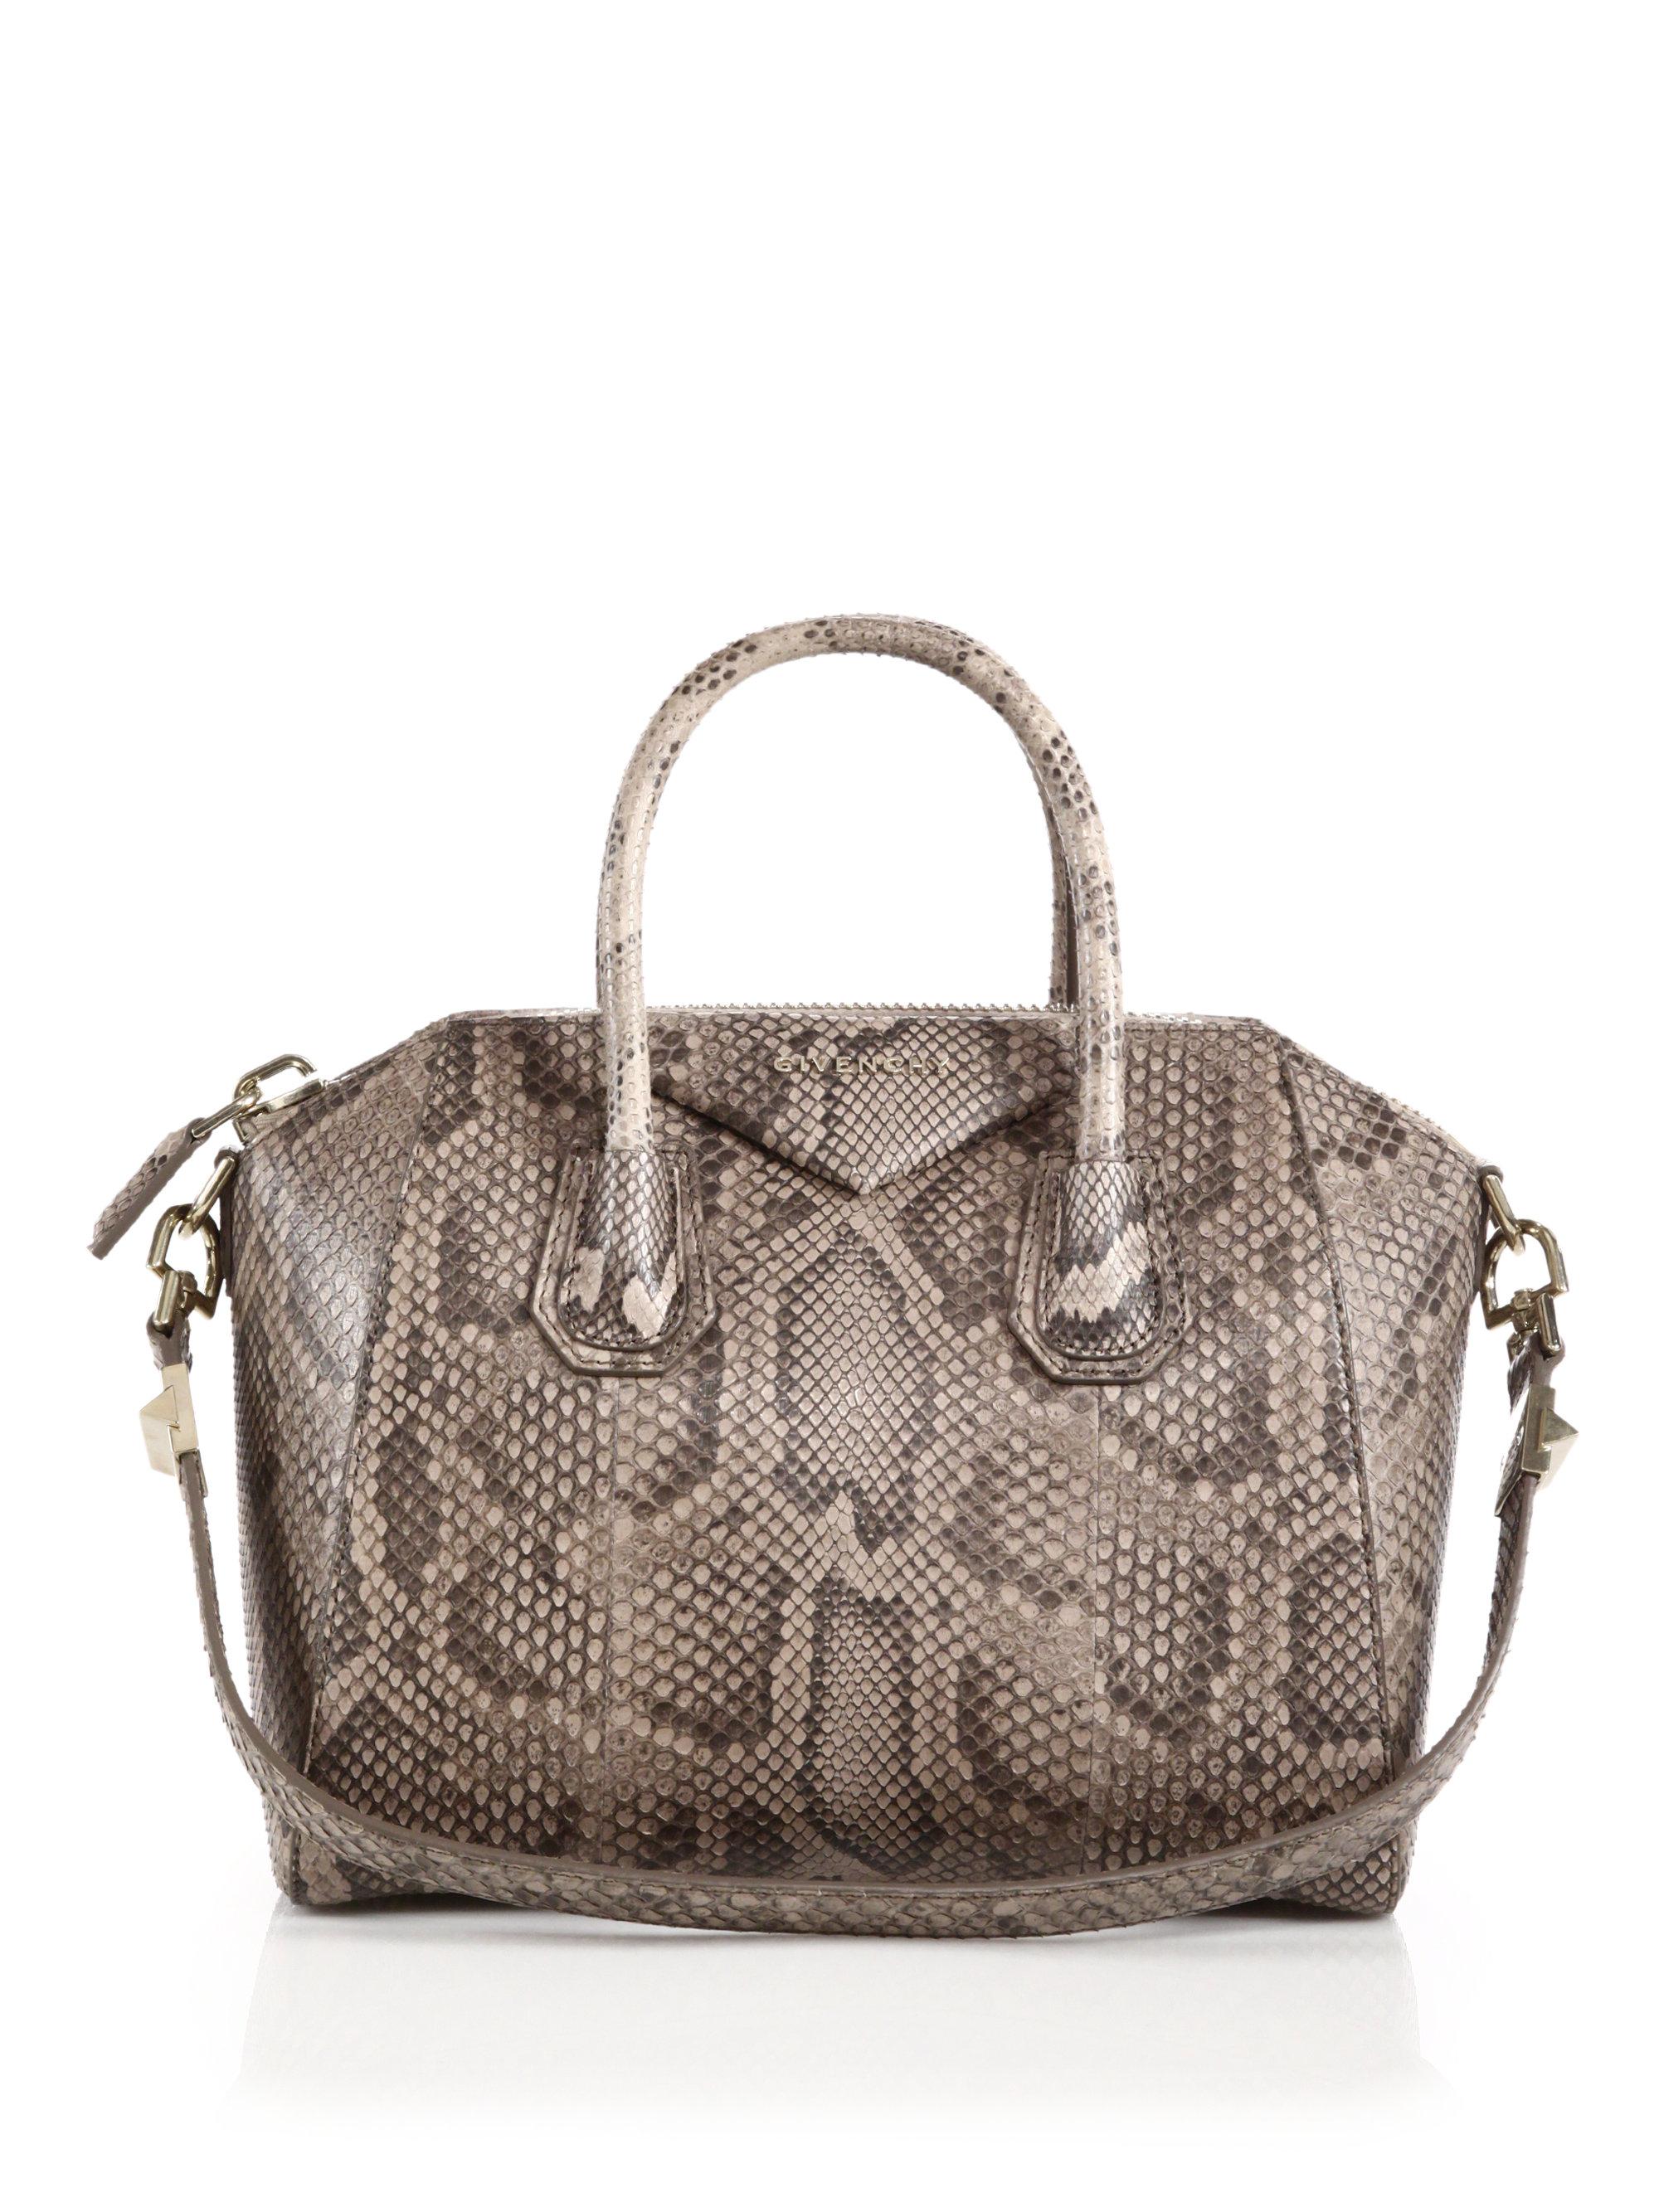 e84f0dda79a5 Lyst - Givenchy Antigona Small Python Satchel in Brown